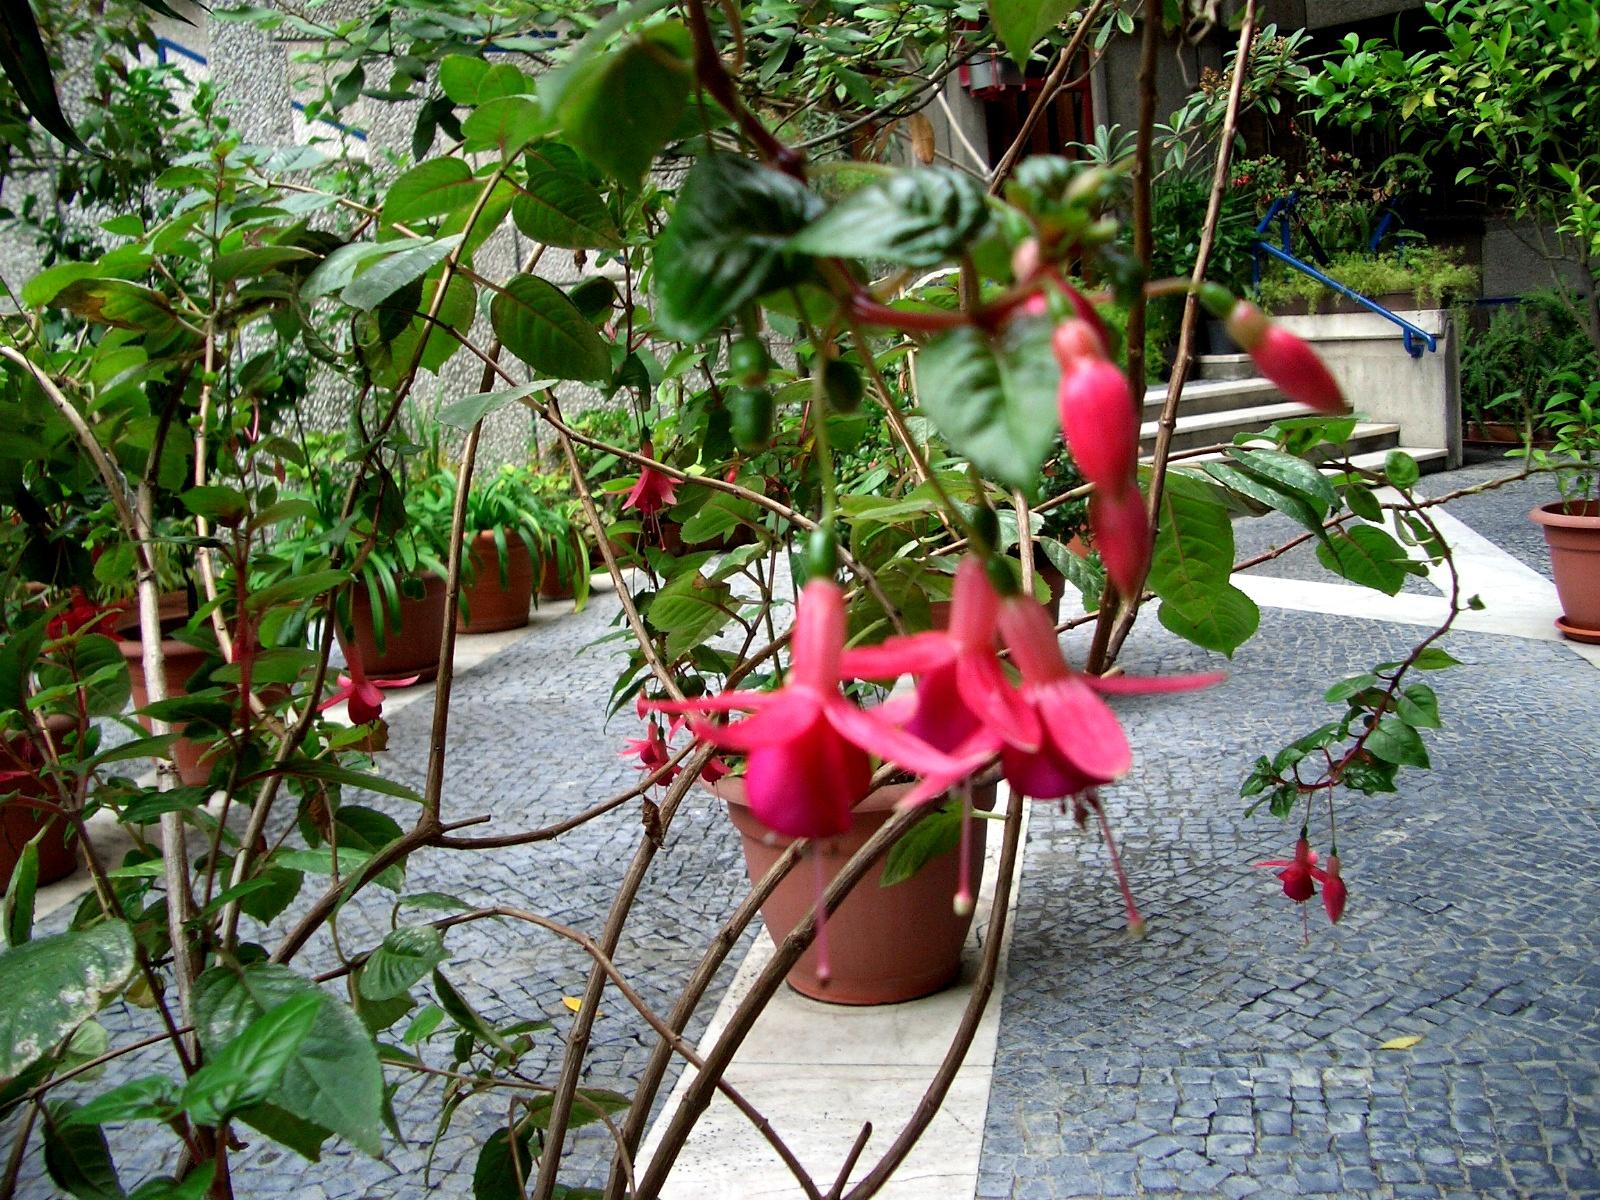 Bolotas guardadas brincos de princesa f csia - Planta de exterior resistente ...